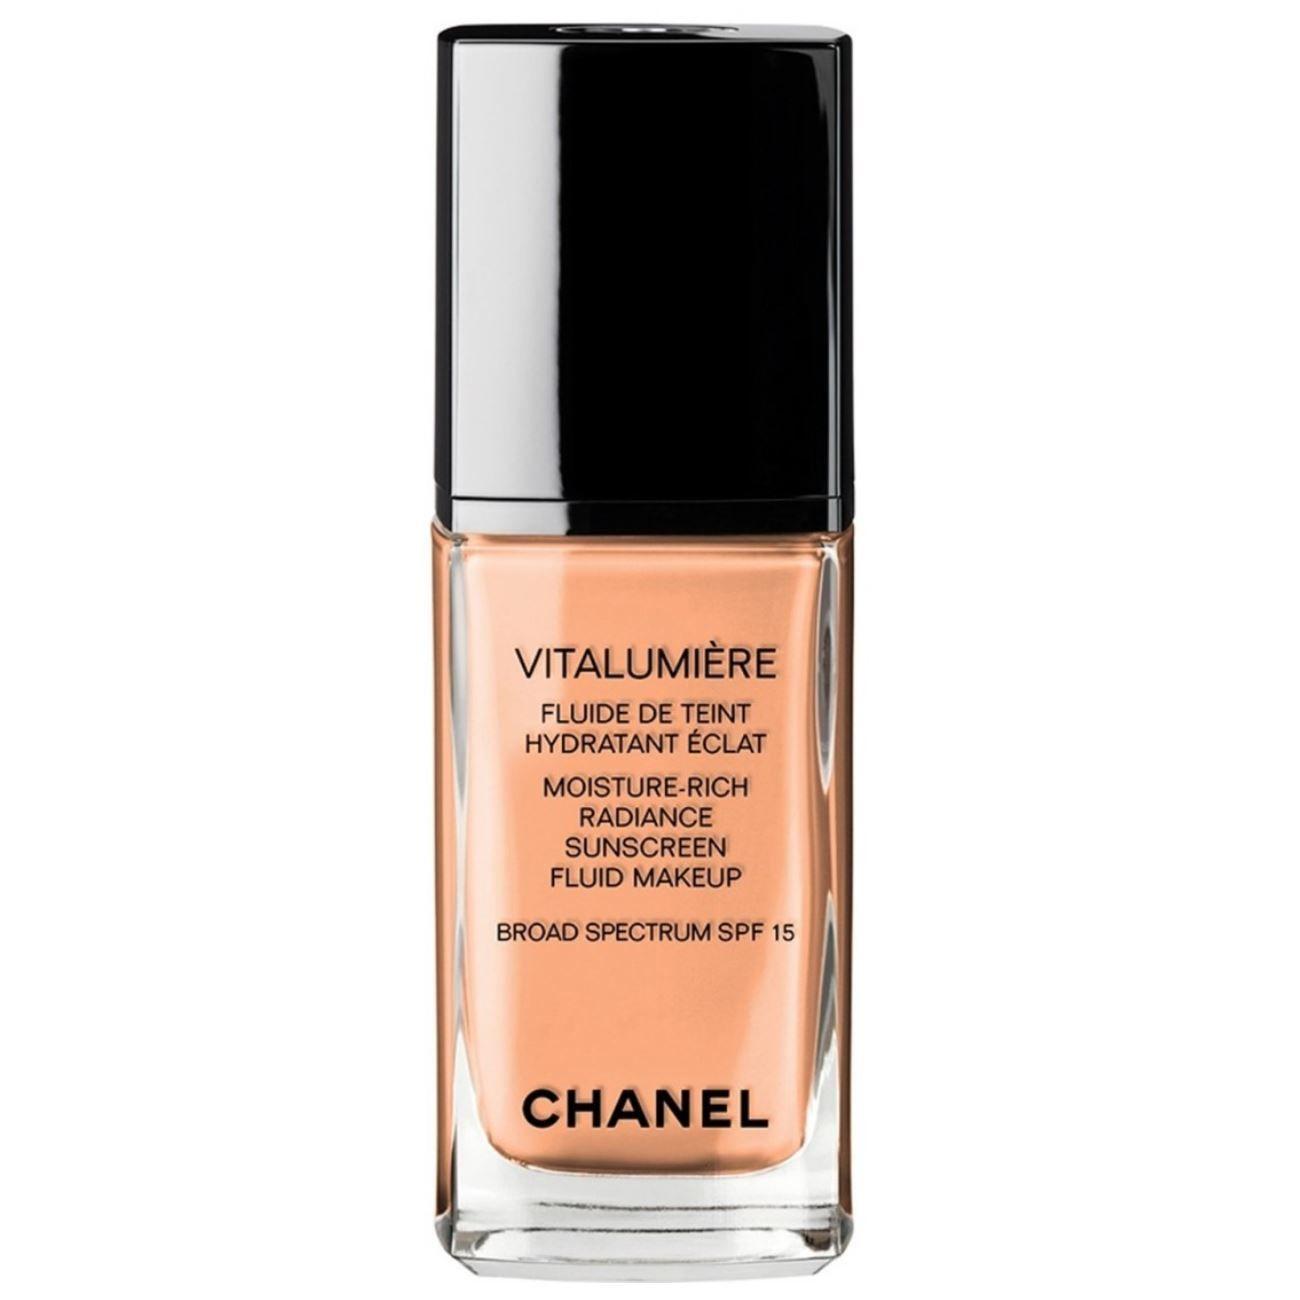 Vitalumiere Moisture-Rich Radiance Sunscreen Fluid Makeup SPF 15